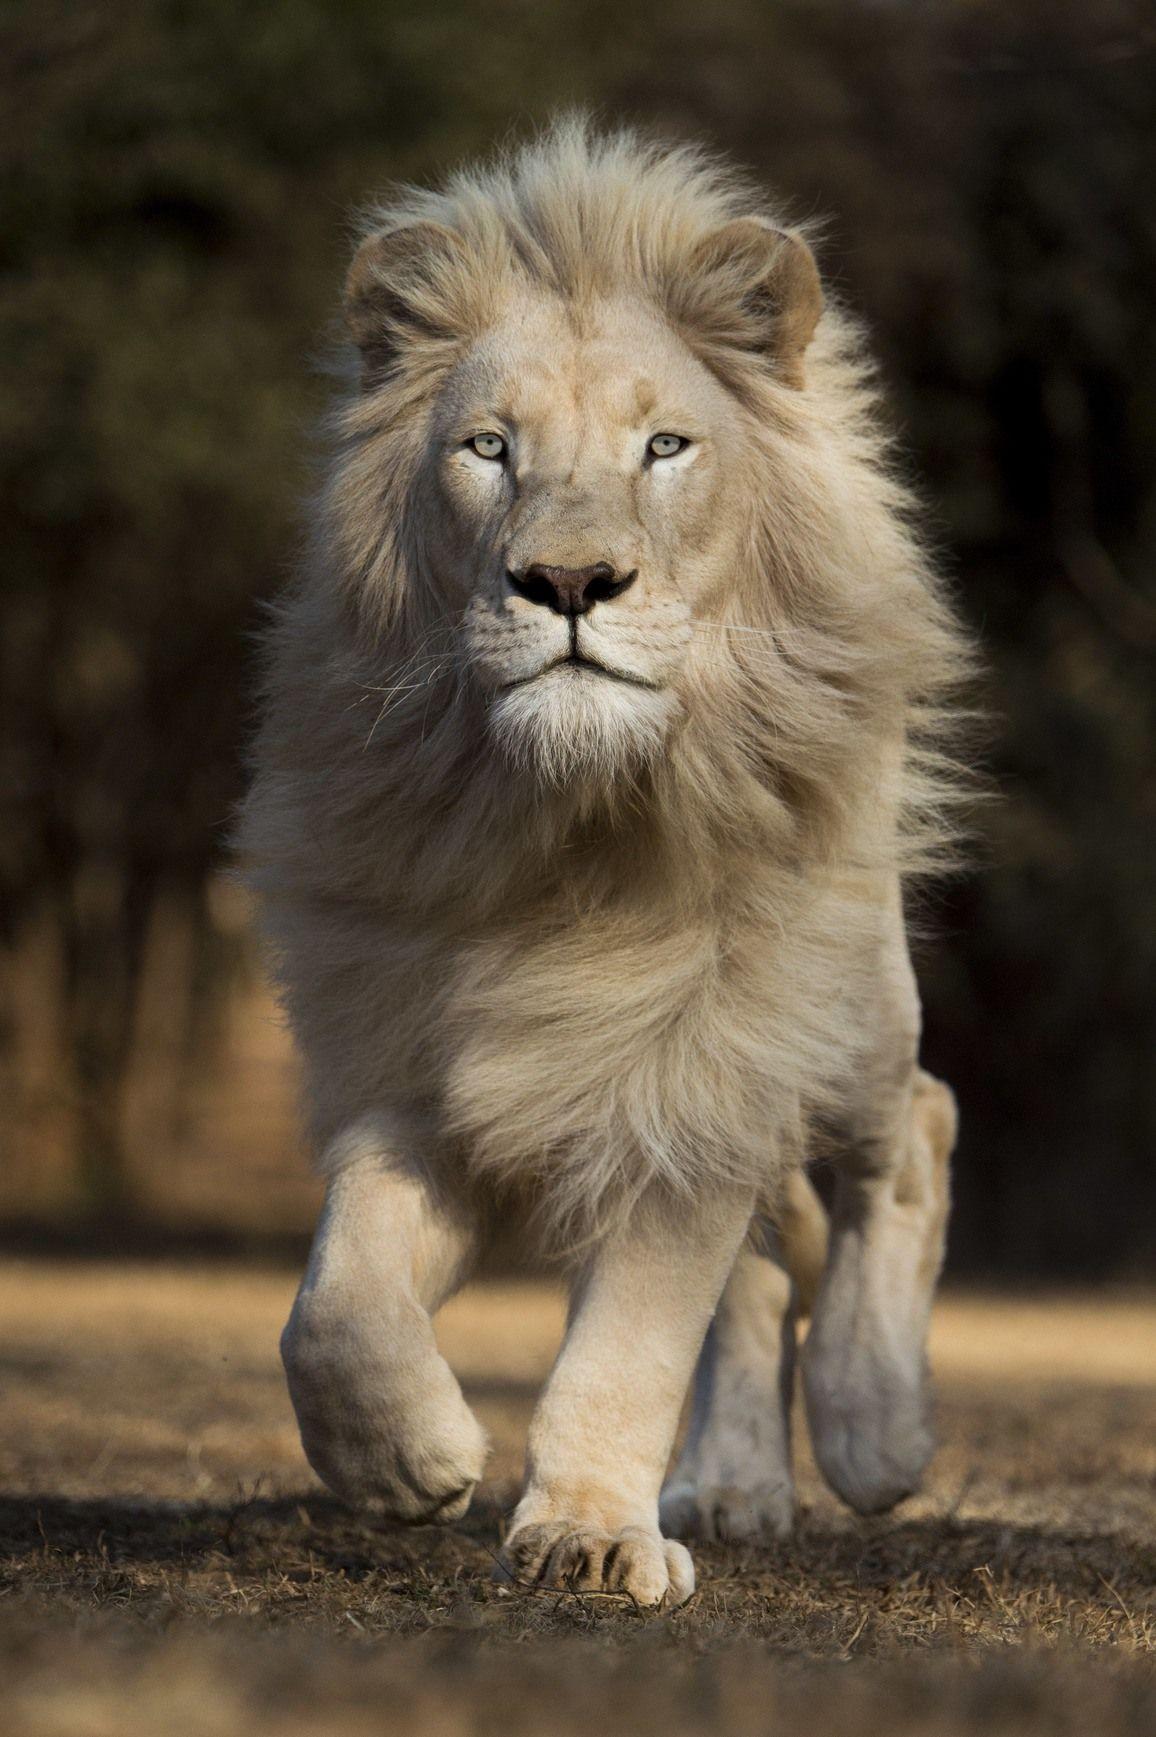 Los Leones Blancos De Timbavati En Sudafrica En 2020 Fotos De Animales Salvajes Fotografia De Leon Fotos De Animales